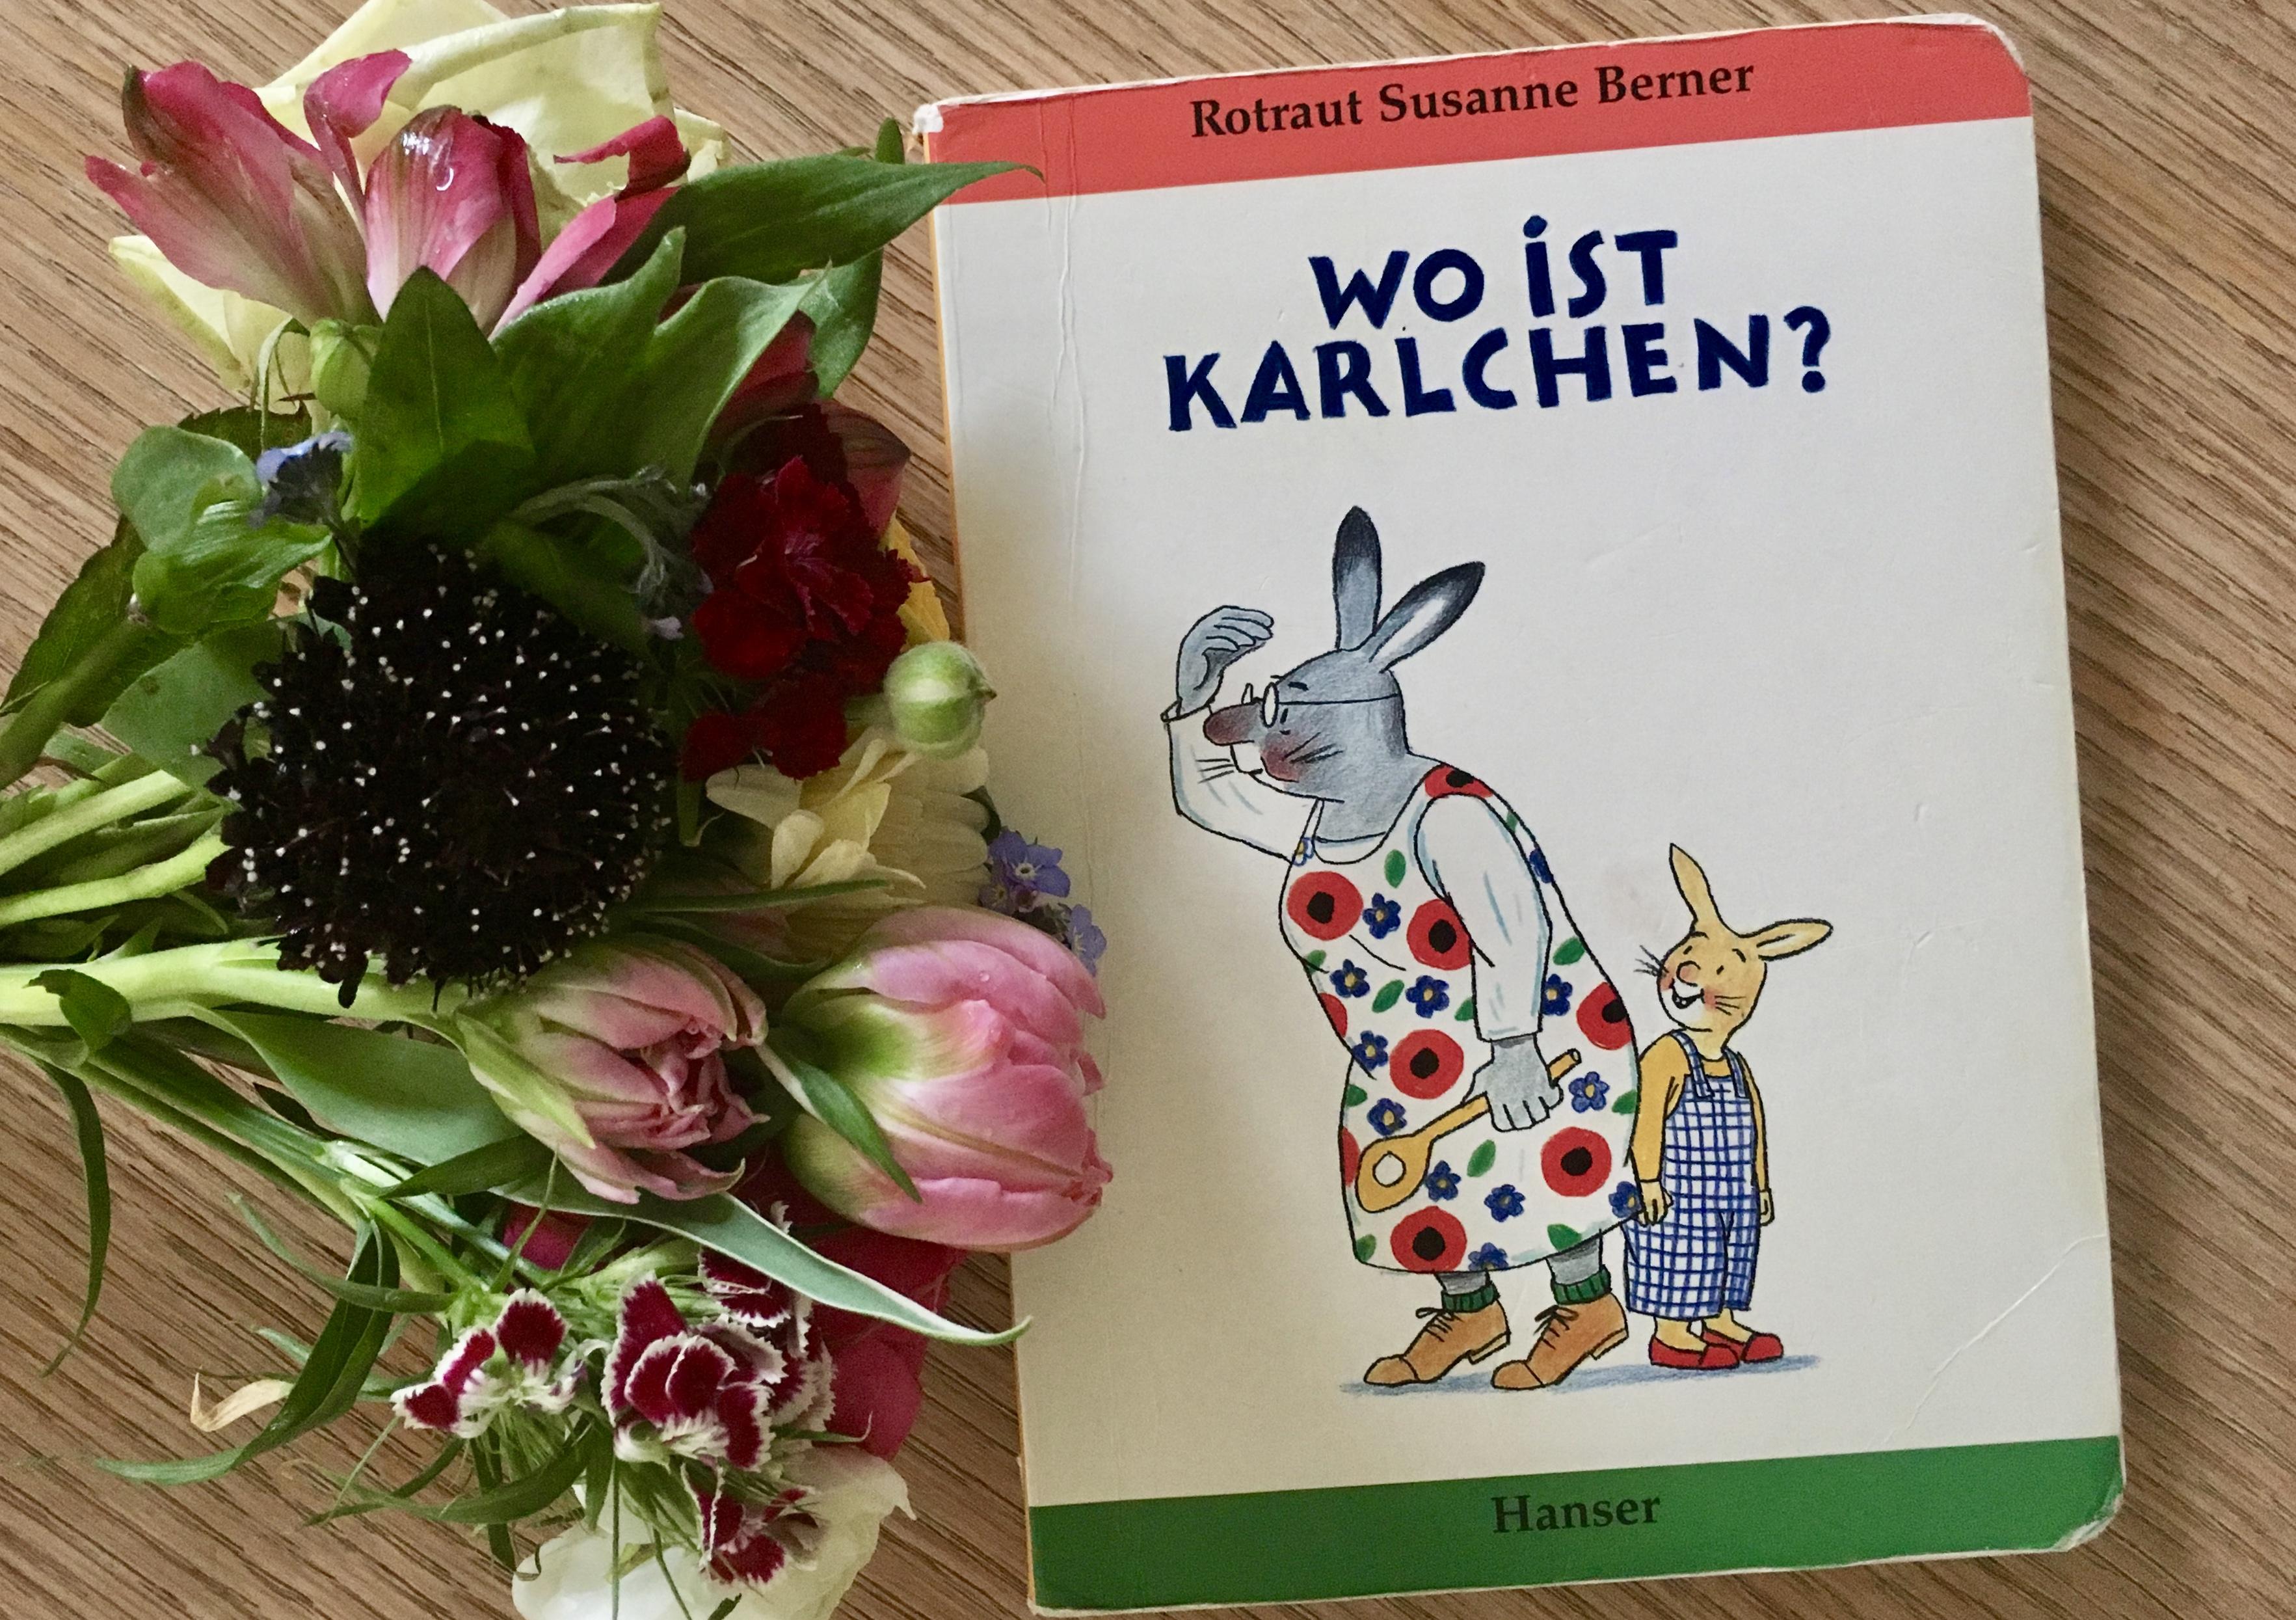 Wo ist Karlchen? von Rotraut Susanne Berner